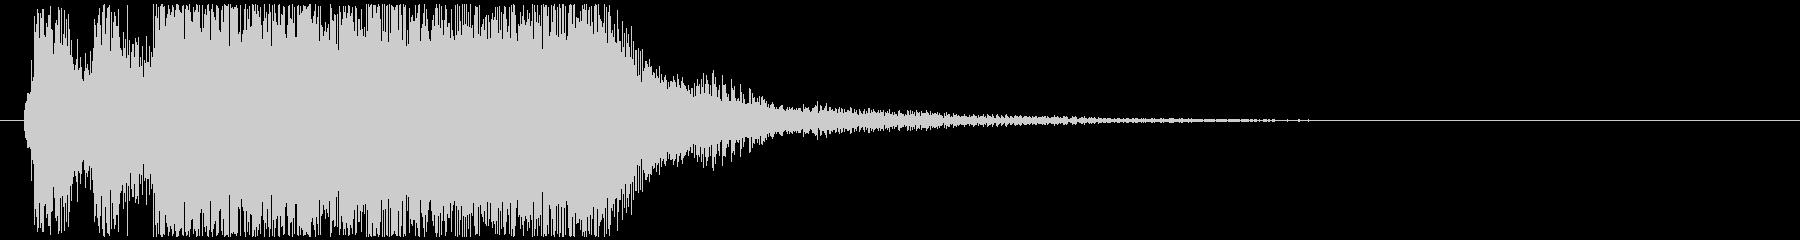 3秒・定番のオーケストラ・ファンファーレの未再生の波形